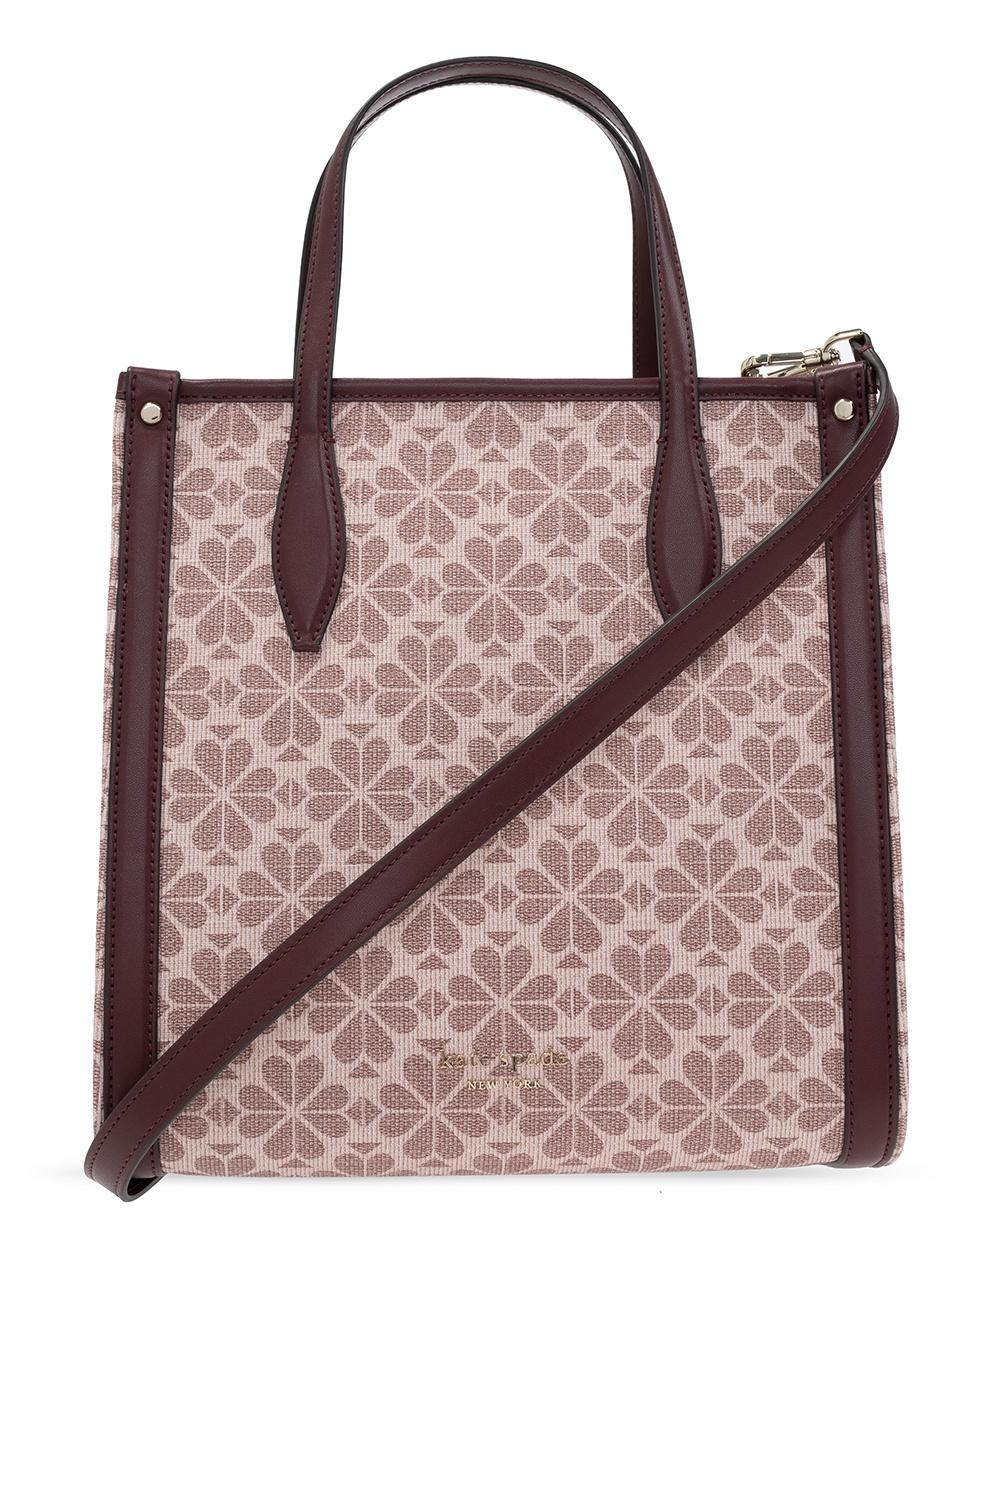 Kate Spade Canvas shoulder bag